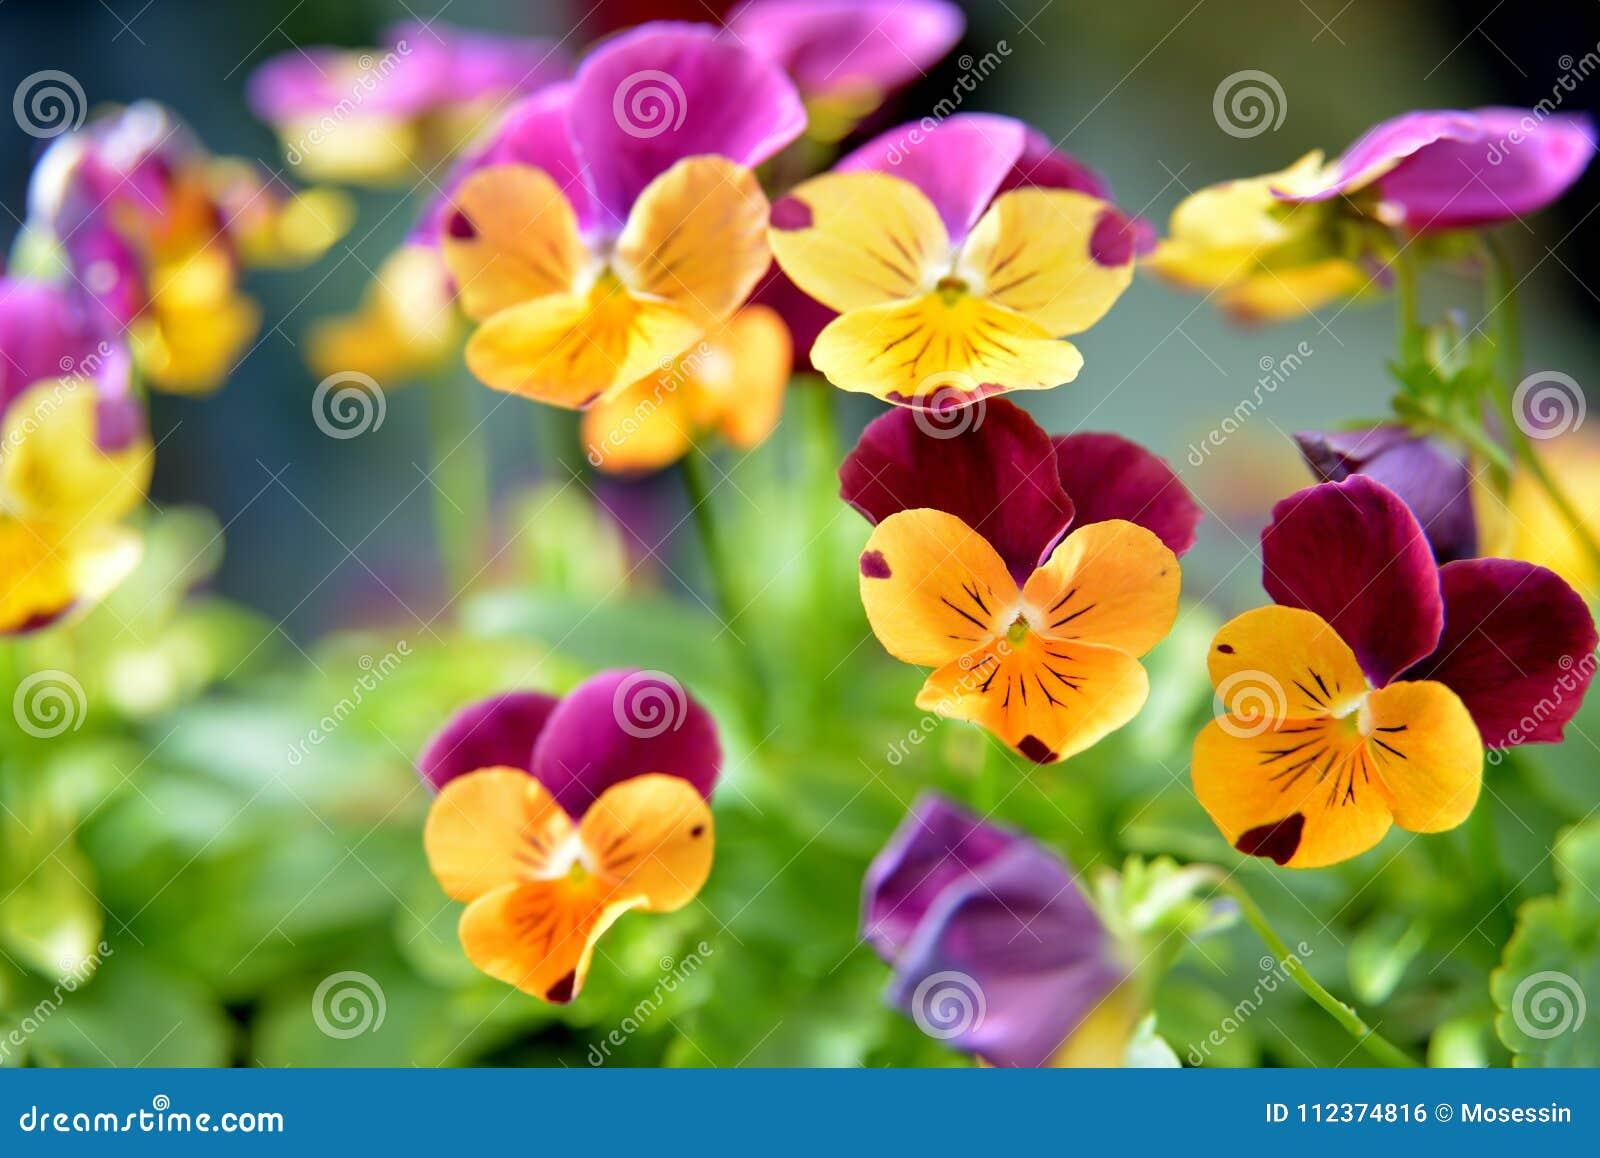 Flor da viola do amor perfeito